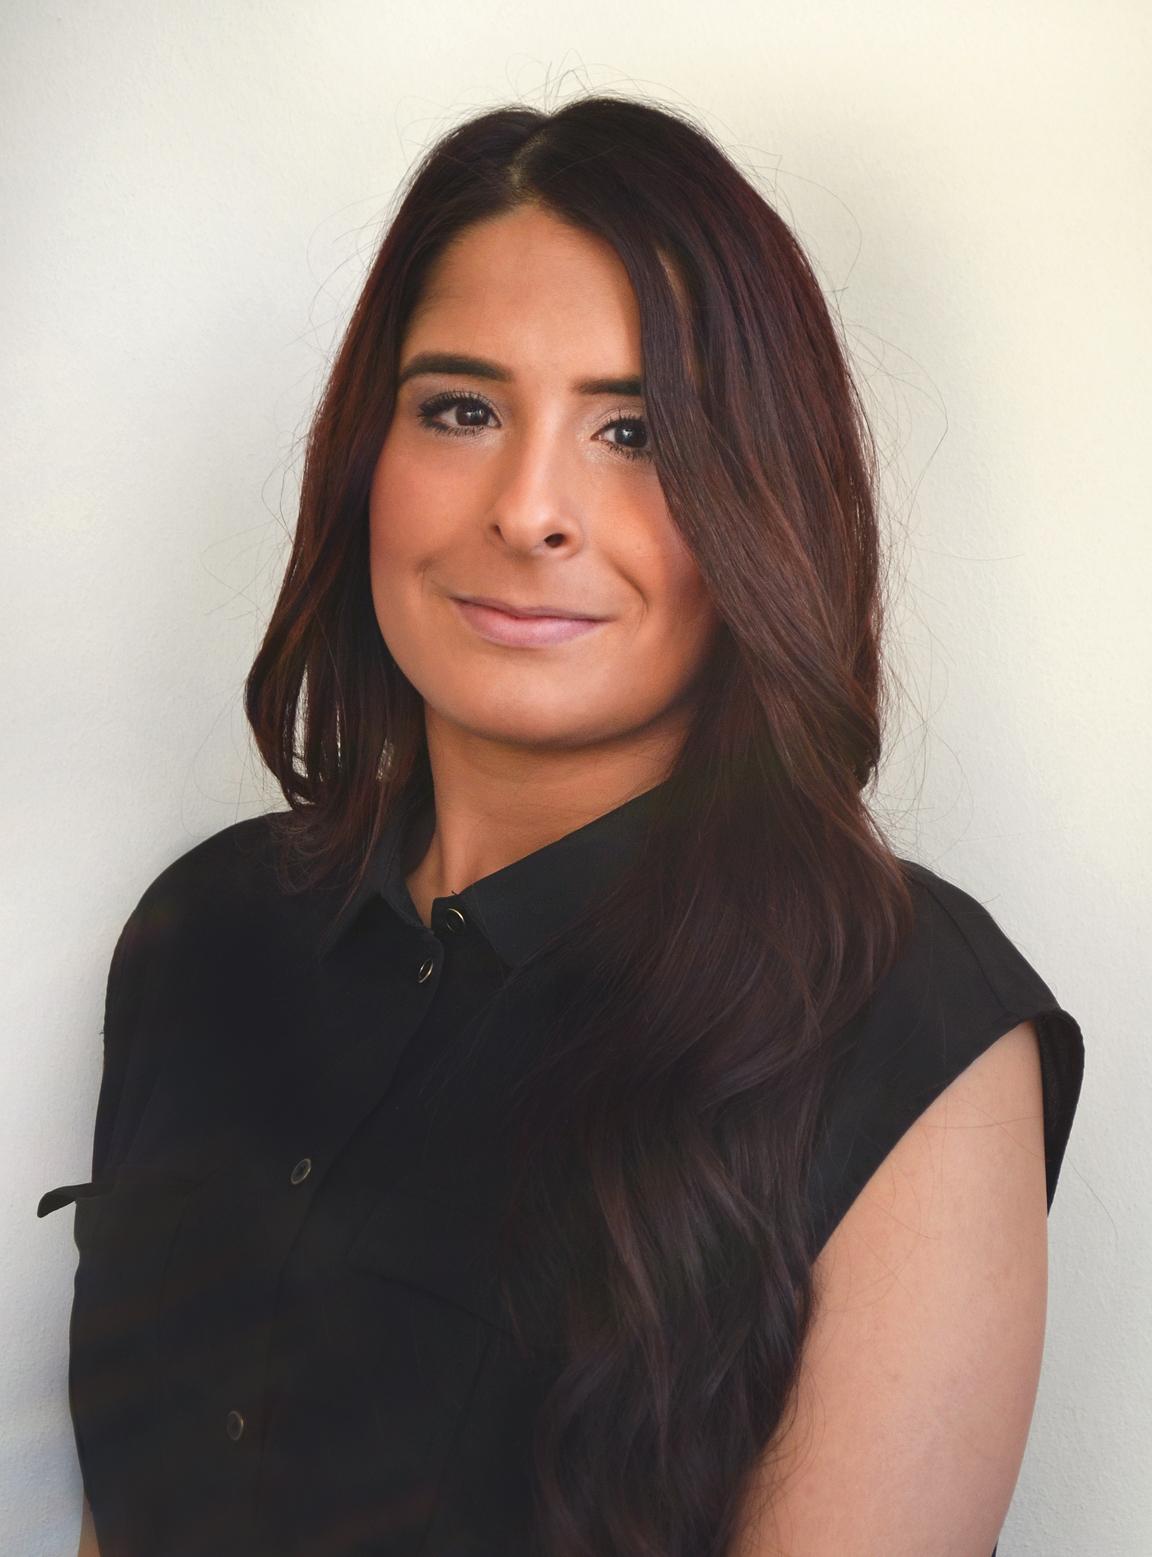 Maria Morich